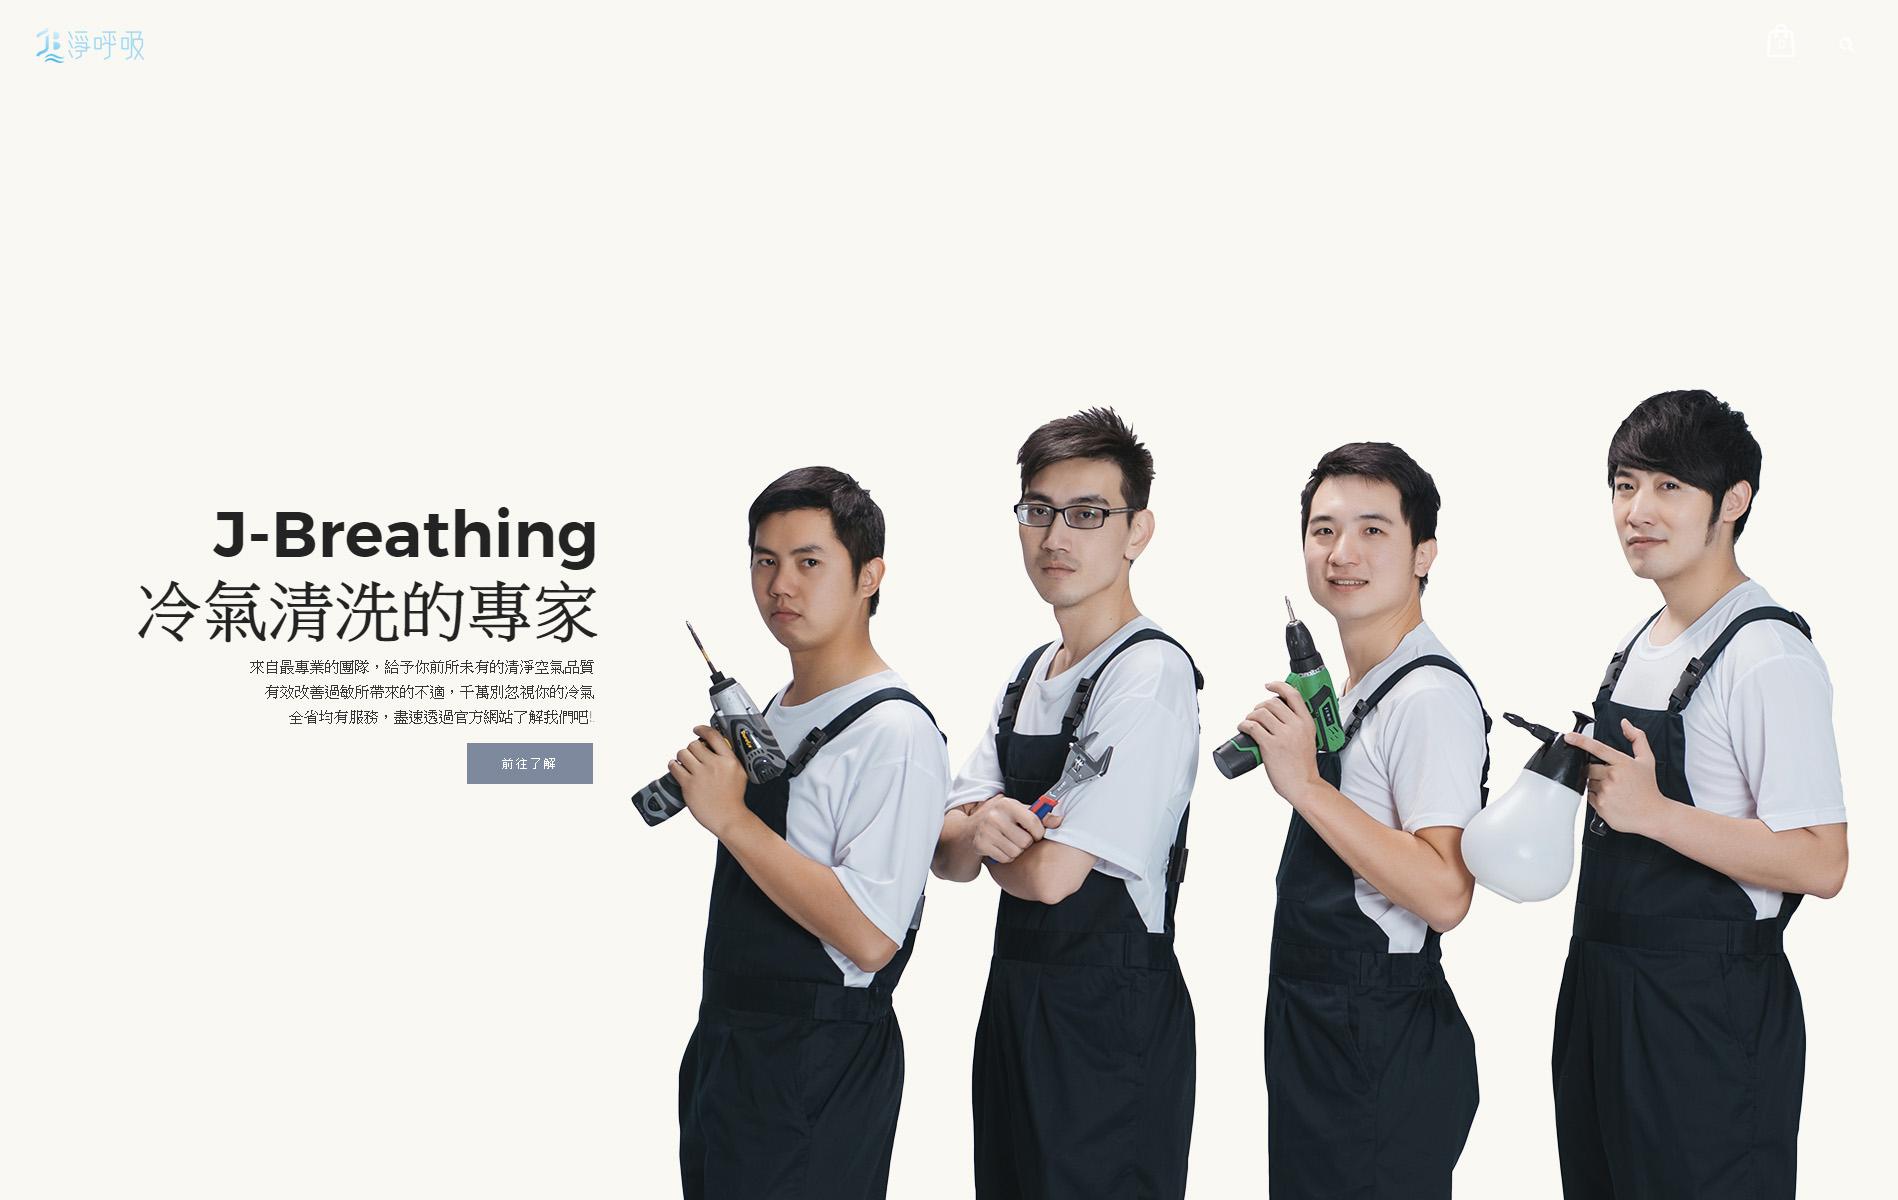 獨角獸工坊 - SEO 優化 | 網站設計 | 網站架設 淨呼吸